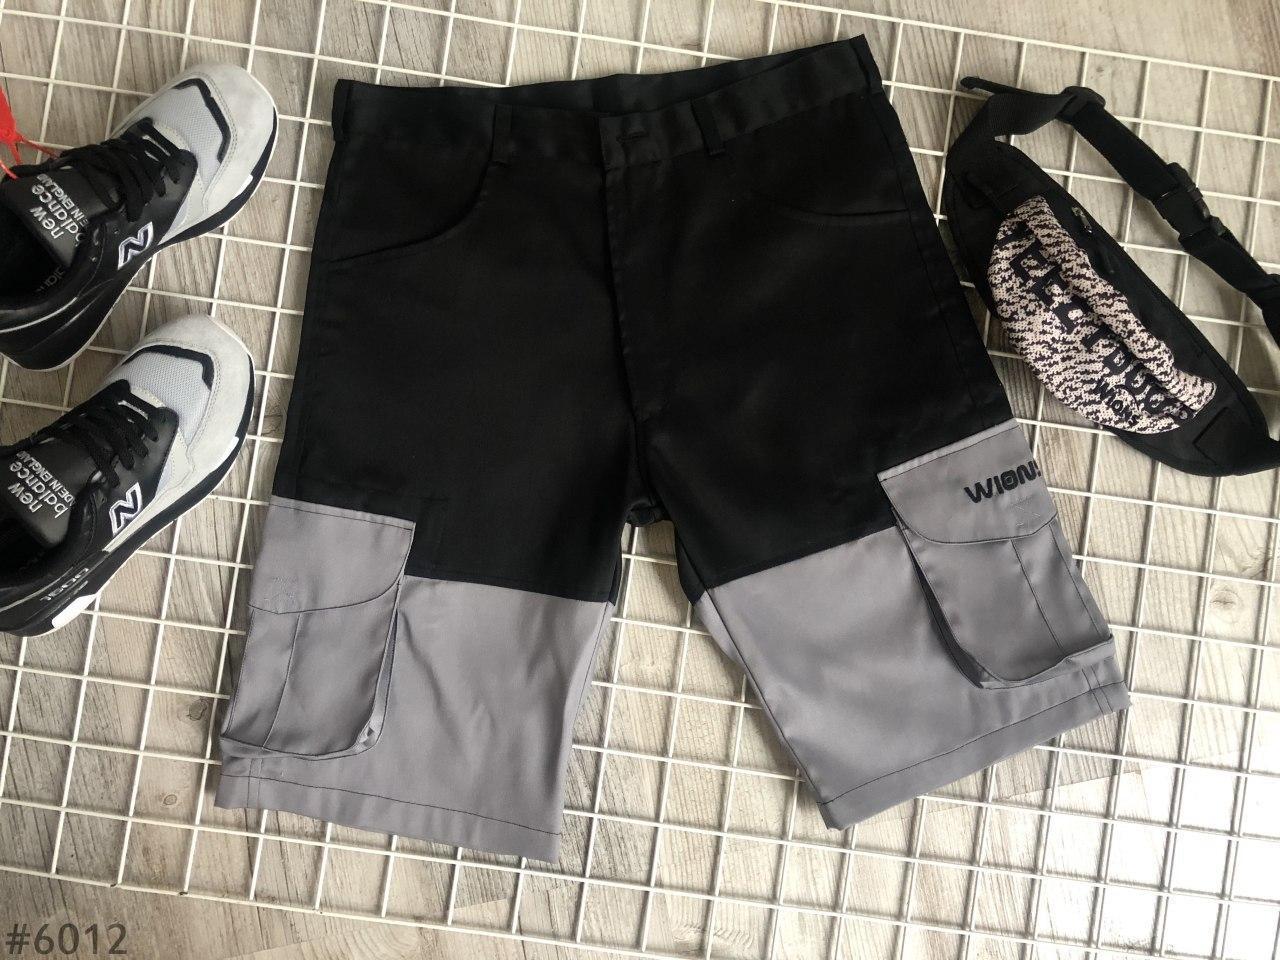 Чоловічі шорти чорно-сірого кольору з кишенями